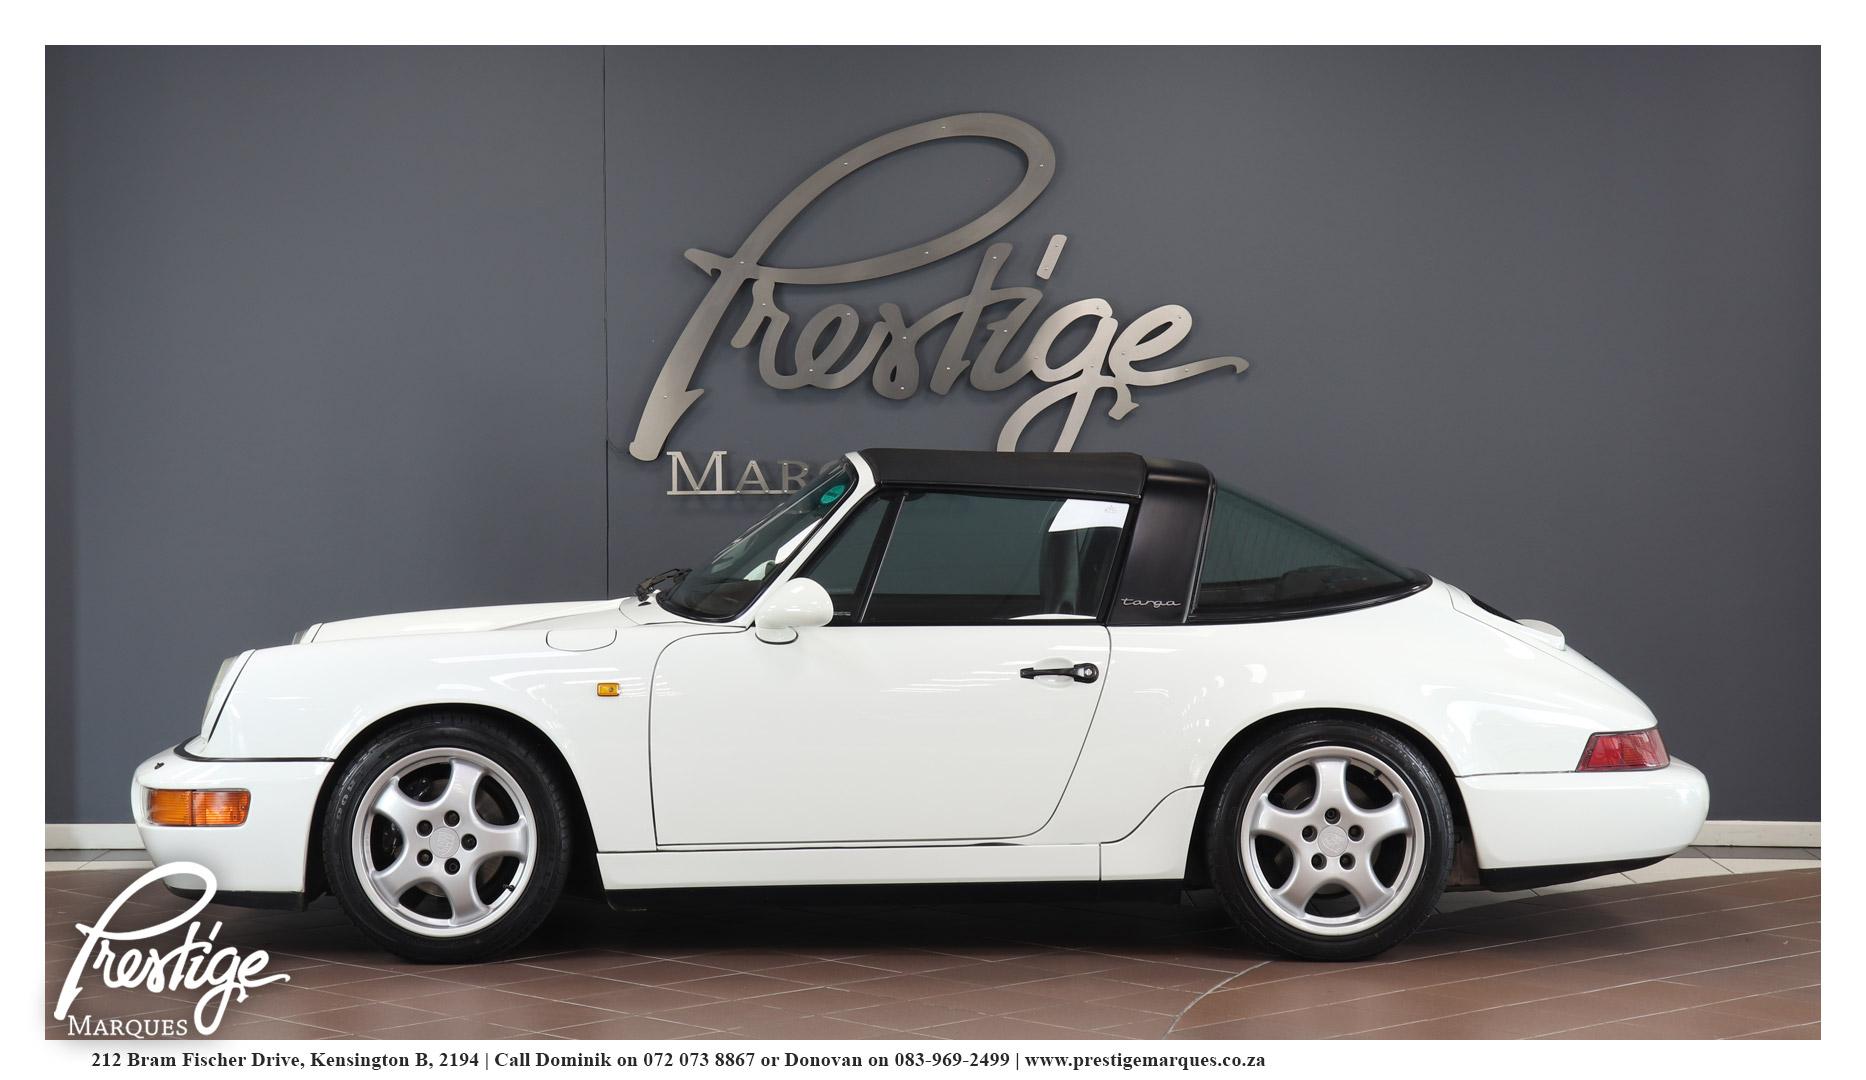 Prestige-Marques-1990-Porsche-964-Carrera 2-Manual-6